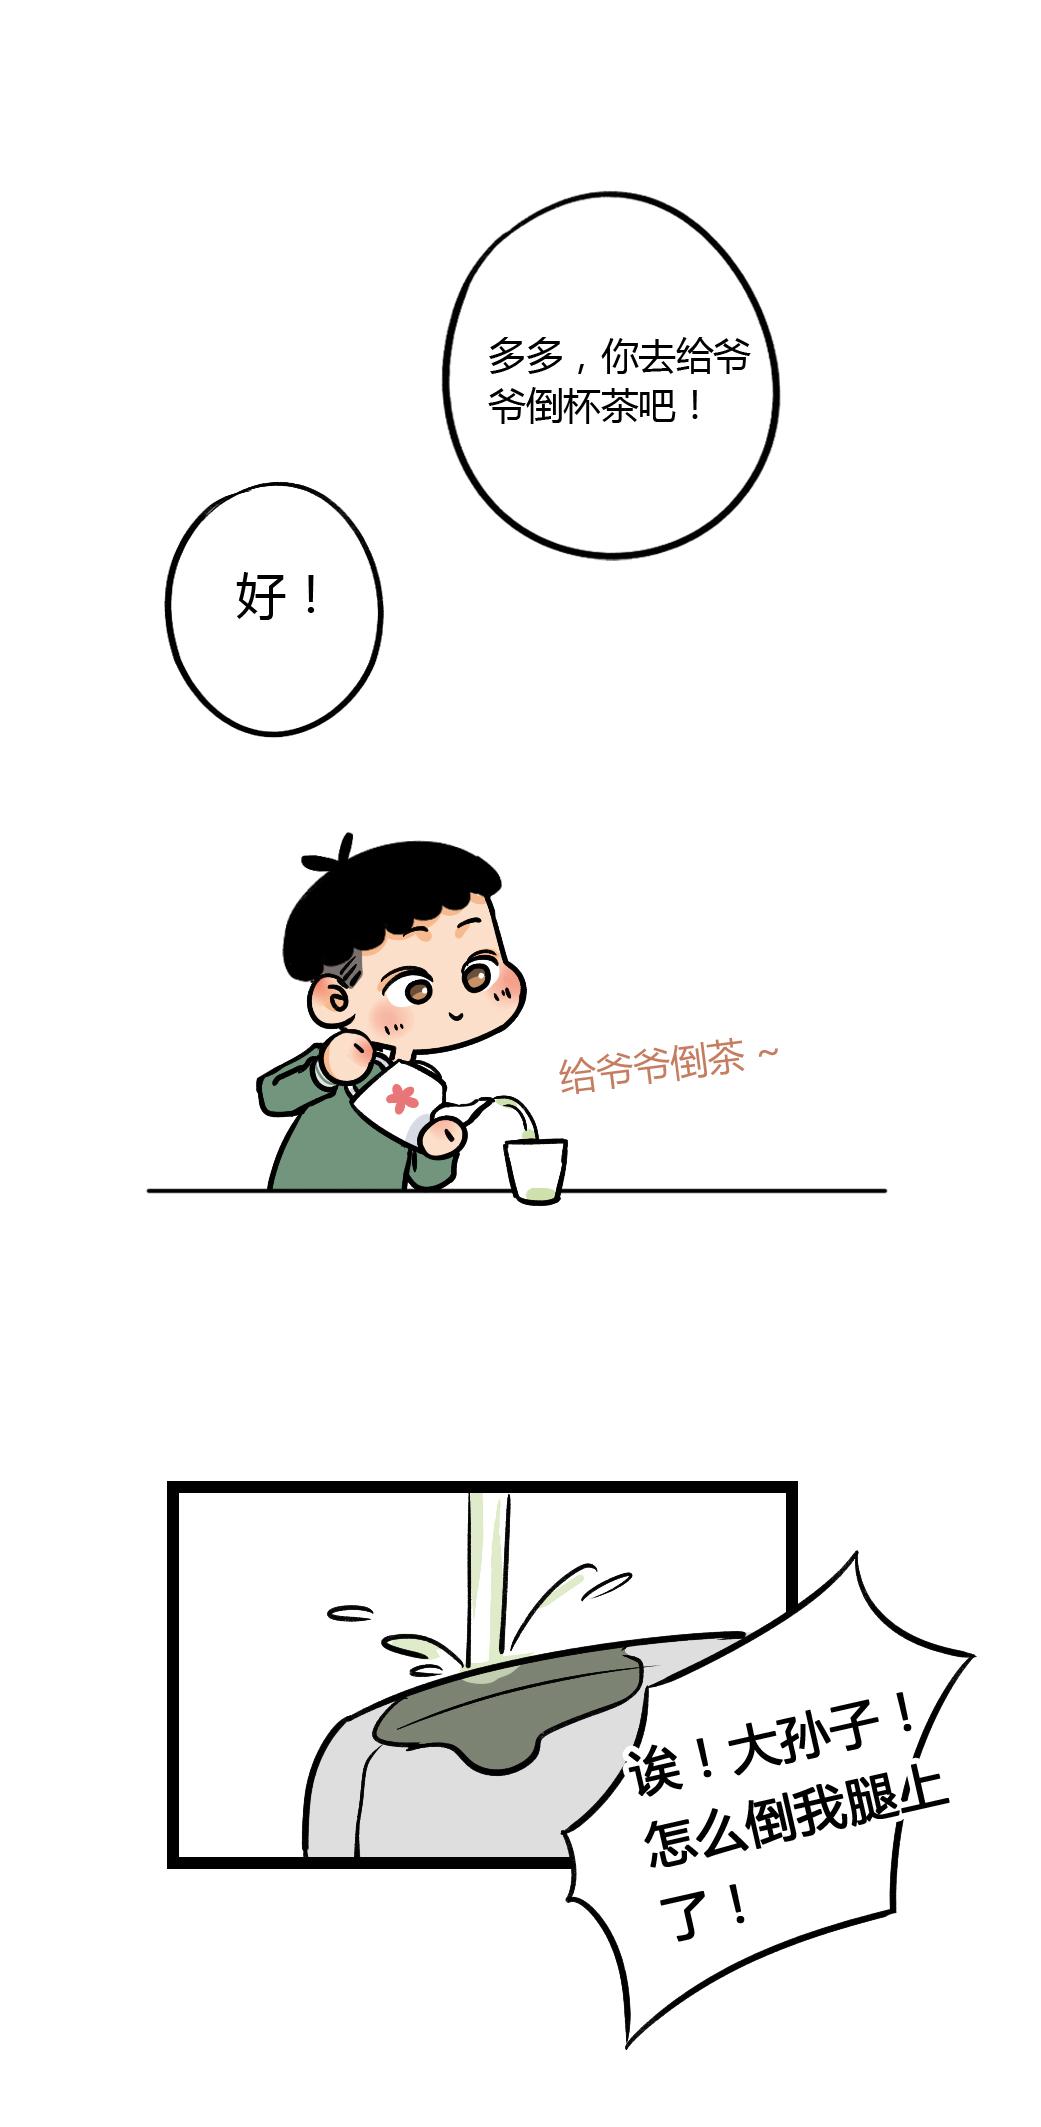 倒茶场景01.jpg